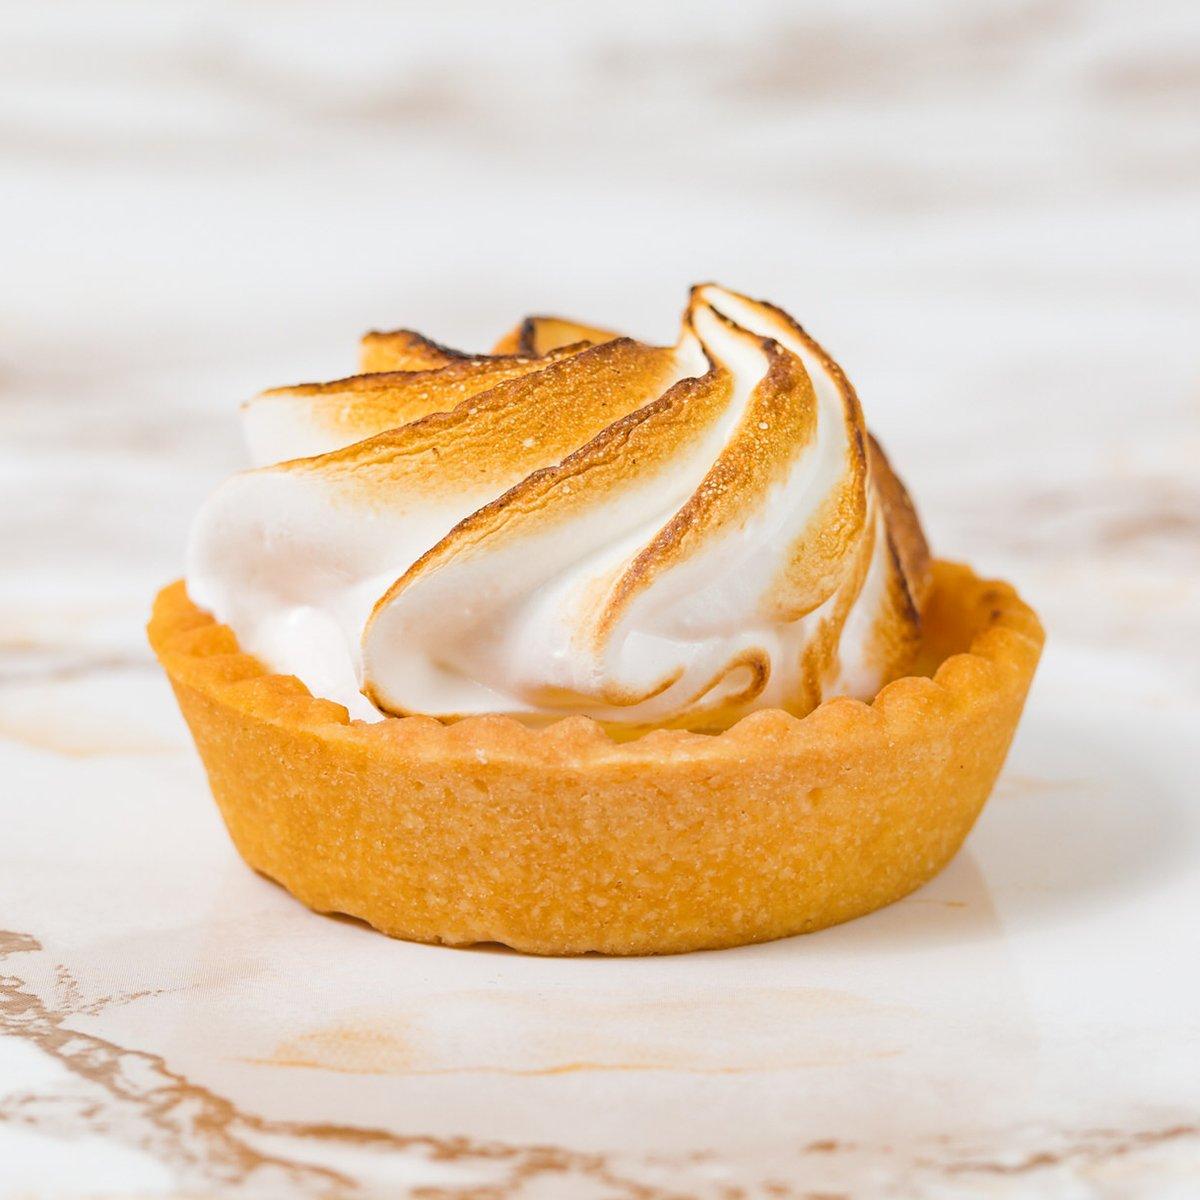 Lemon Meringue Tart | Merci Beaucoup Cakes